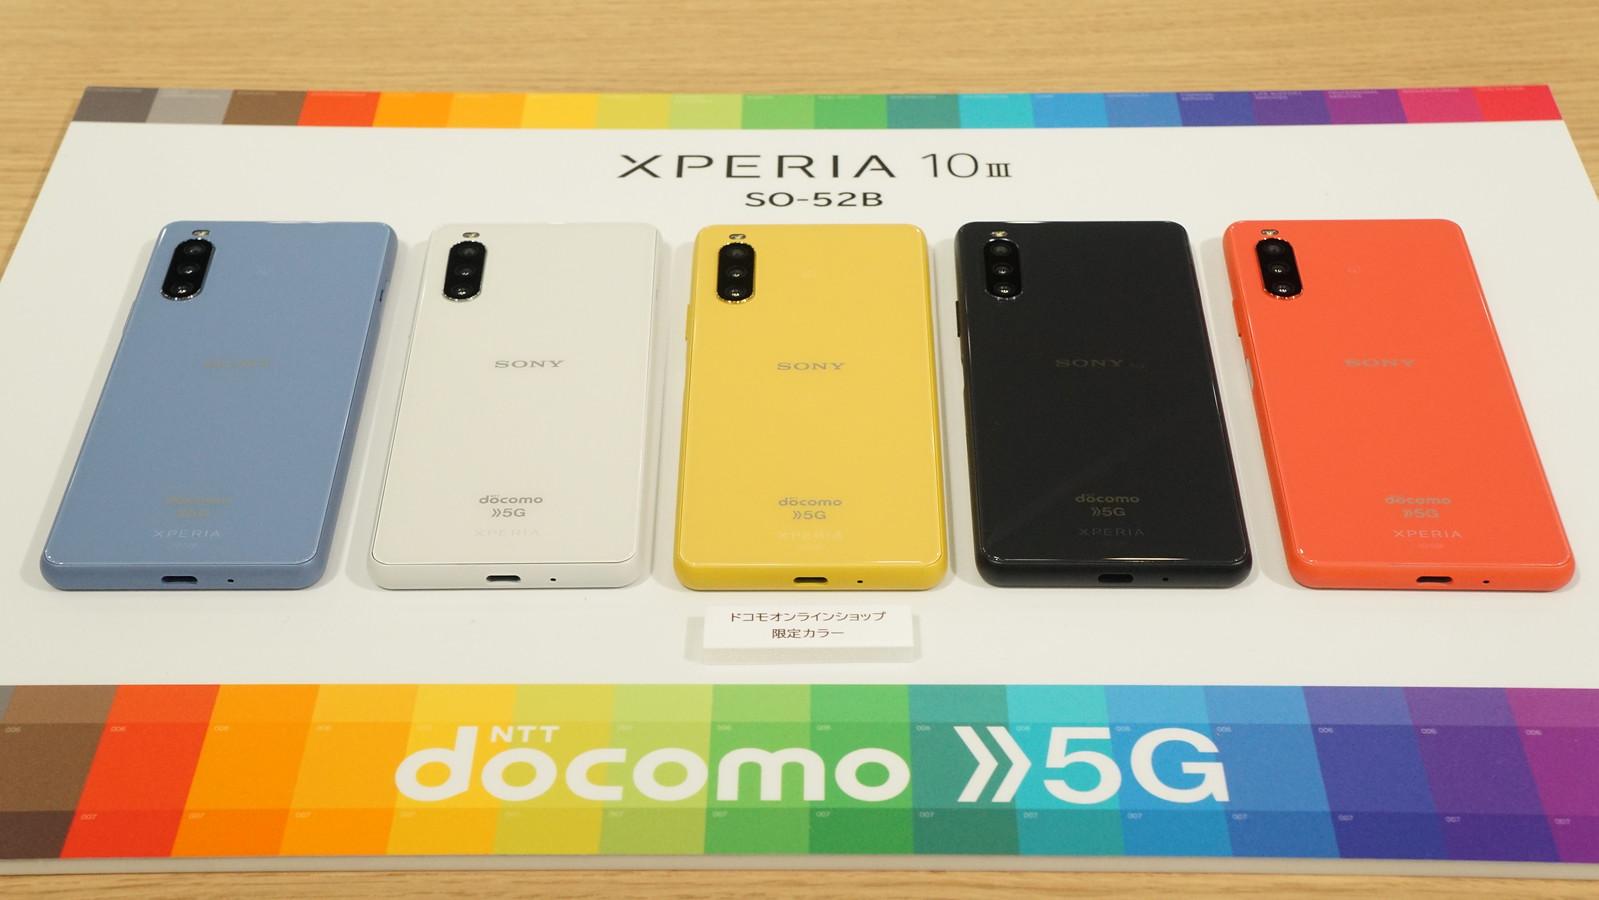 Xperia 10 IIIのレビュー。全5色のカラー